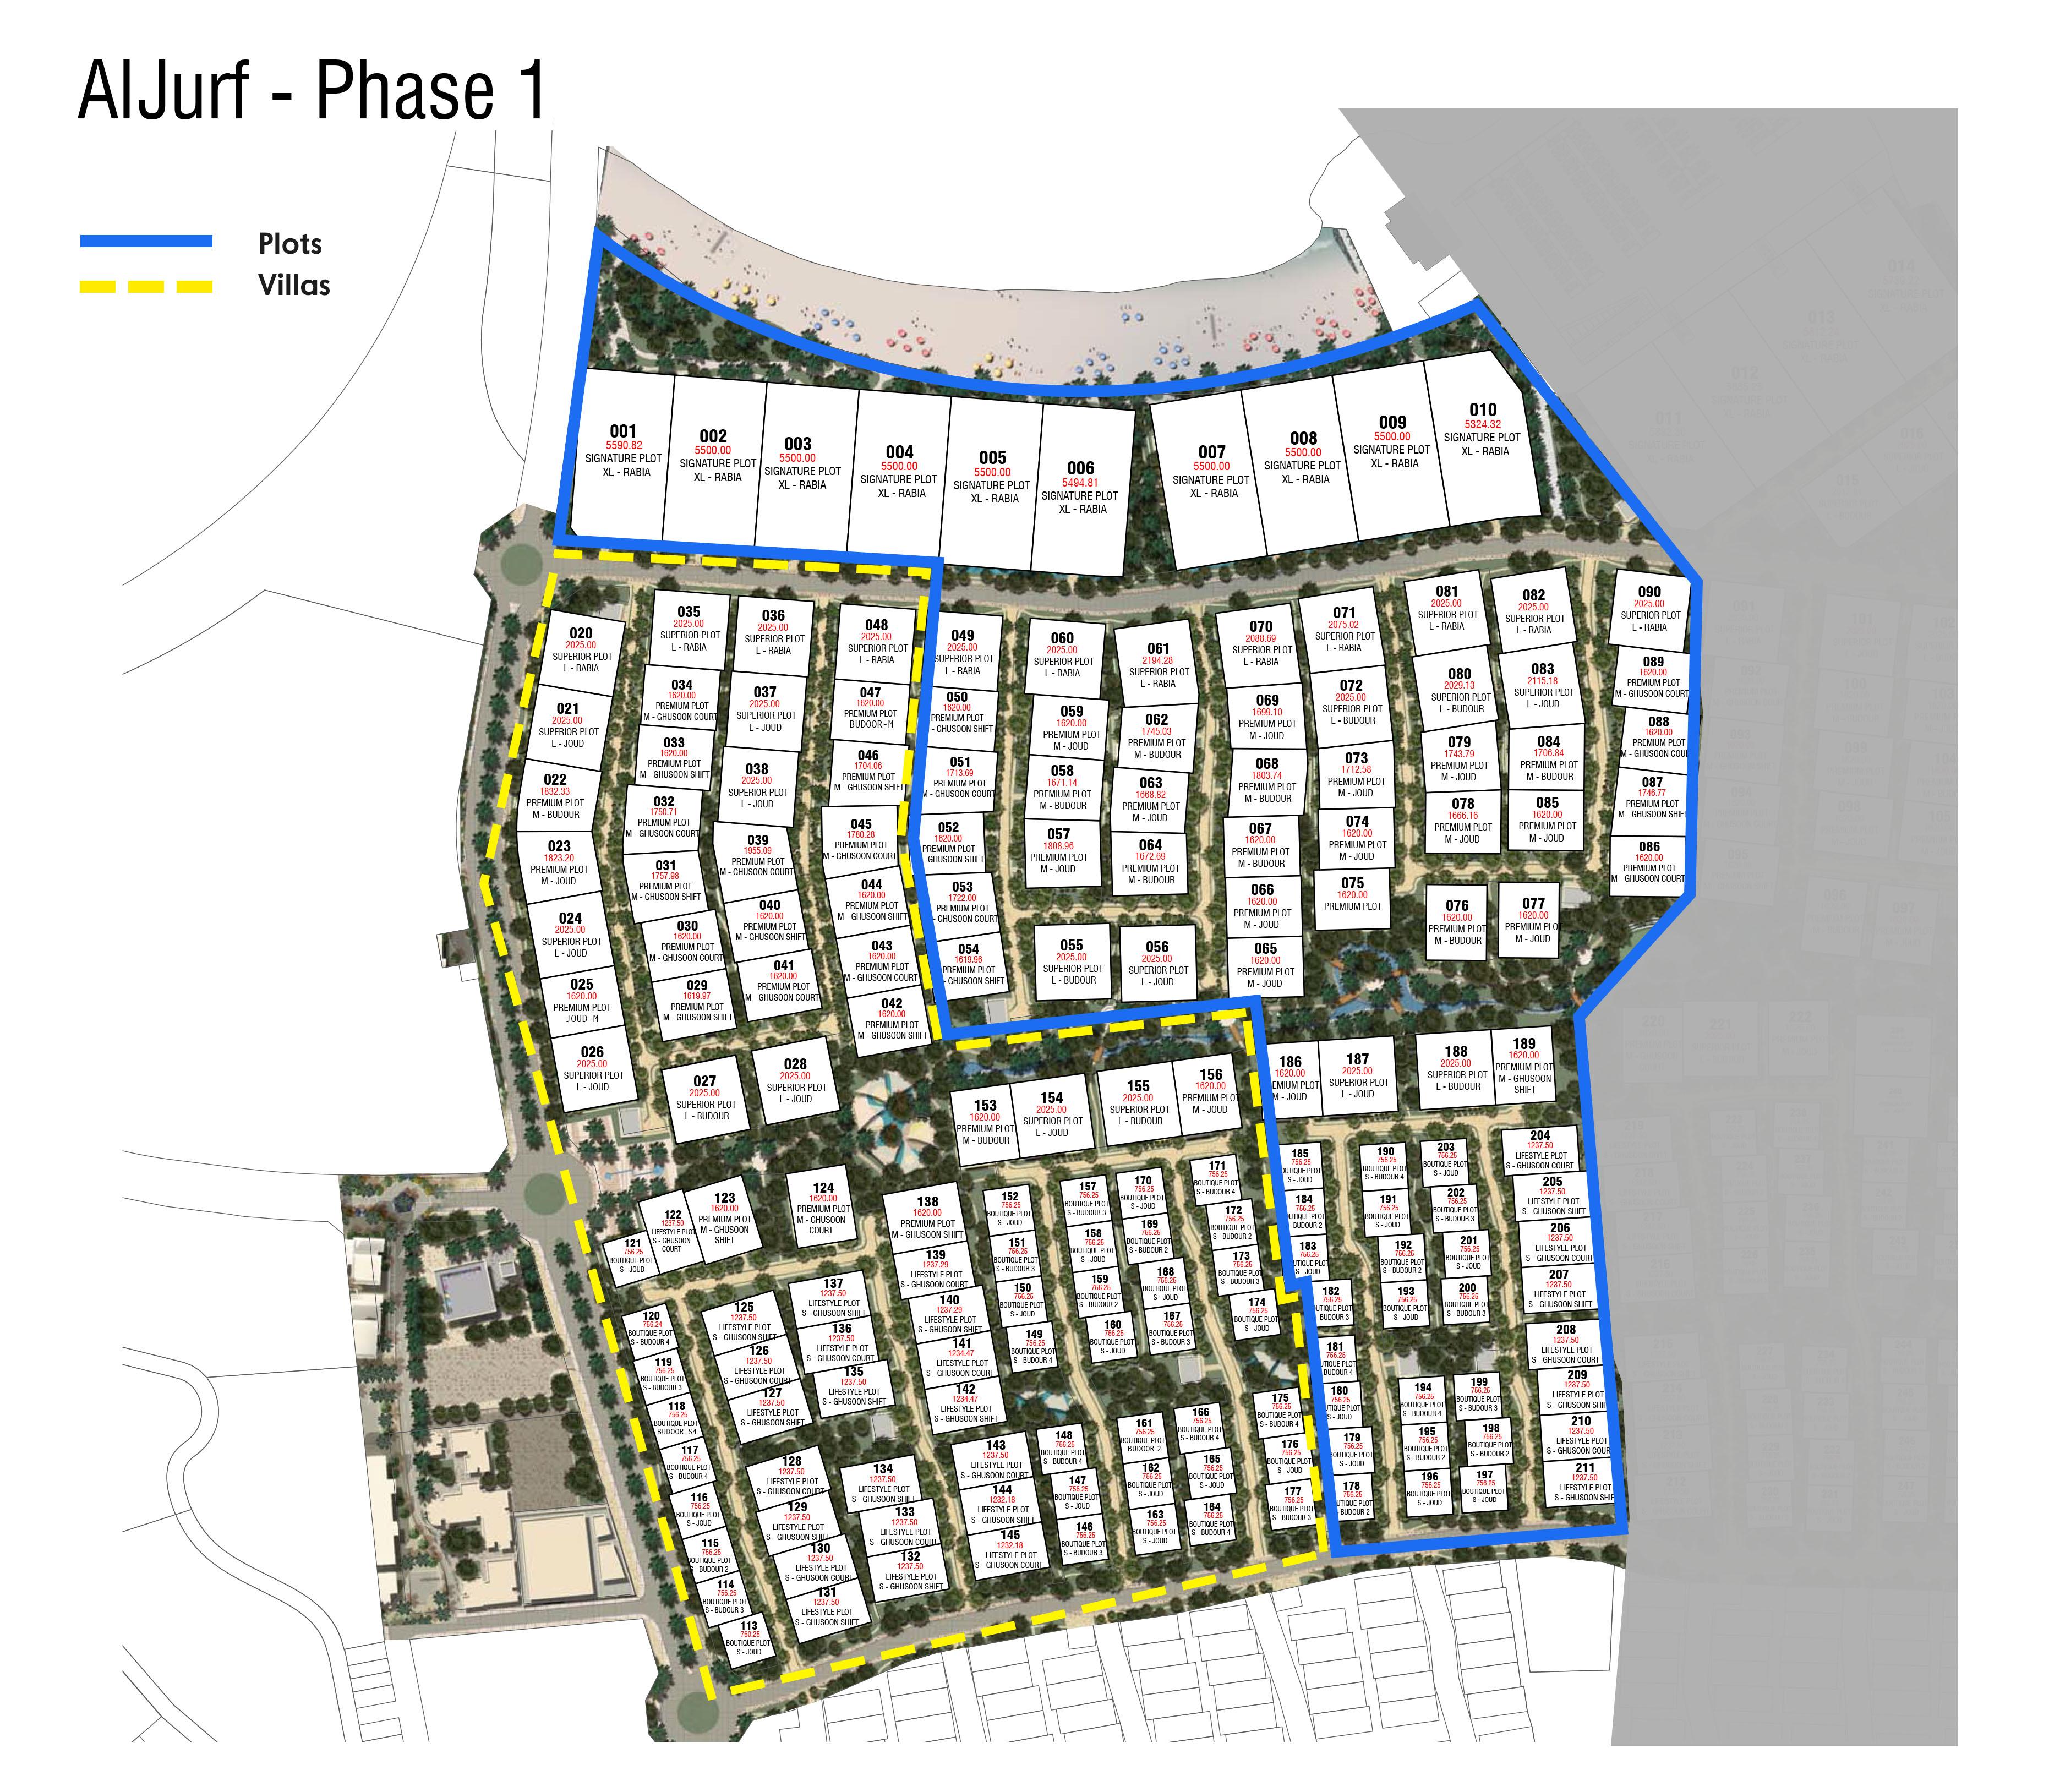 Aljurf-Budoor-Villas Master Plan